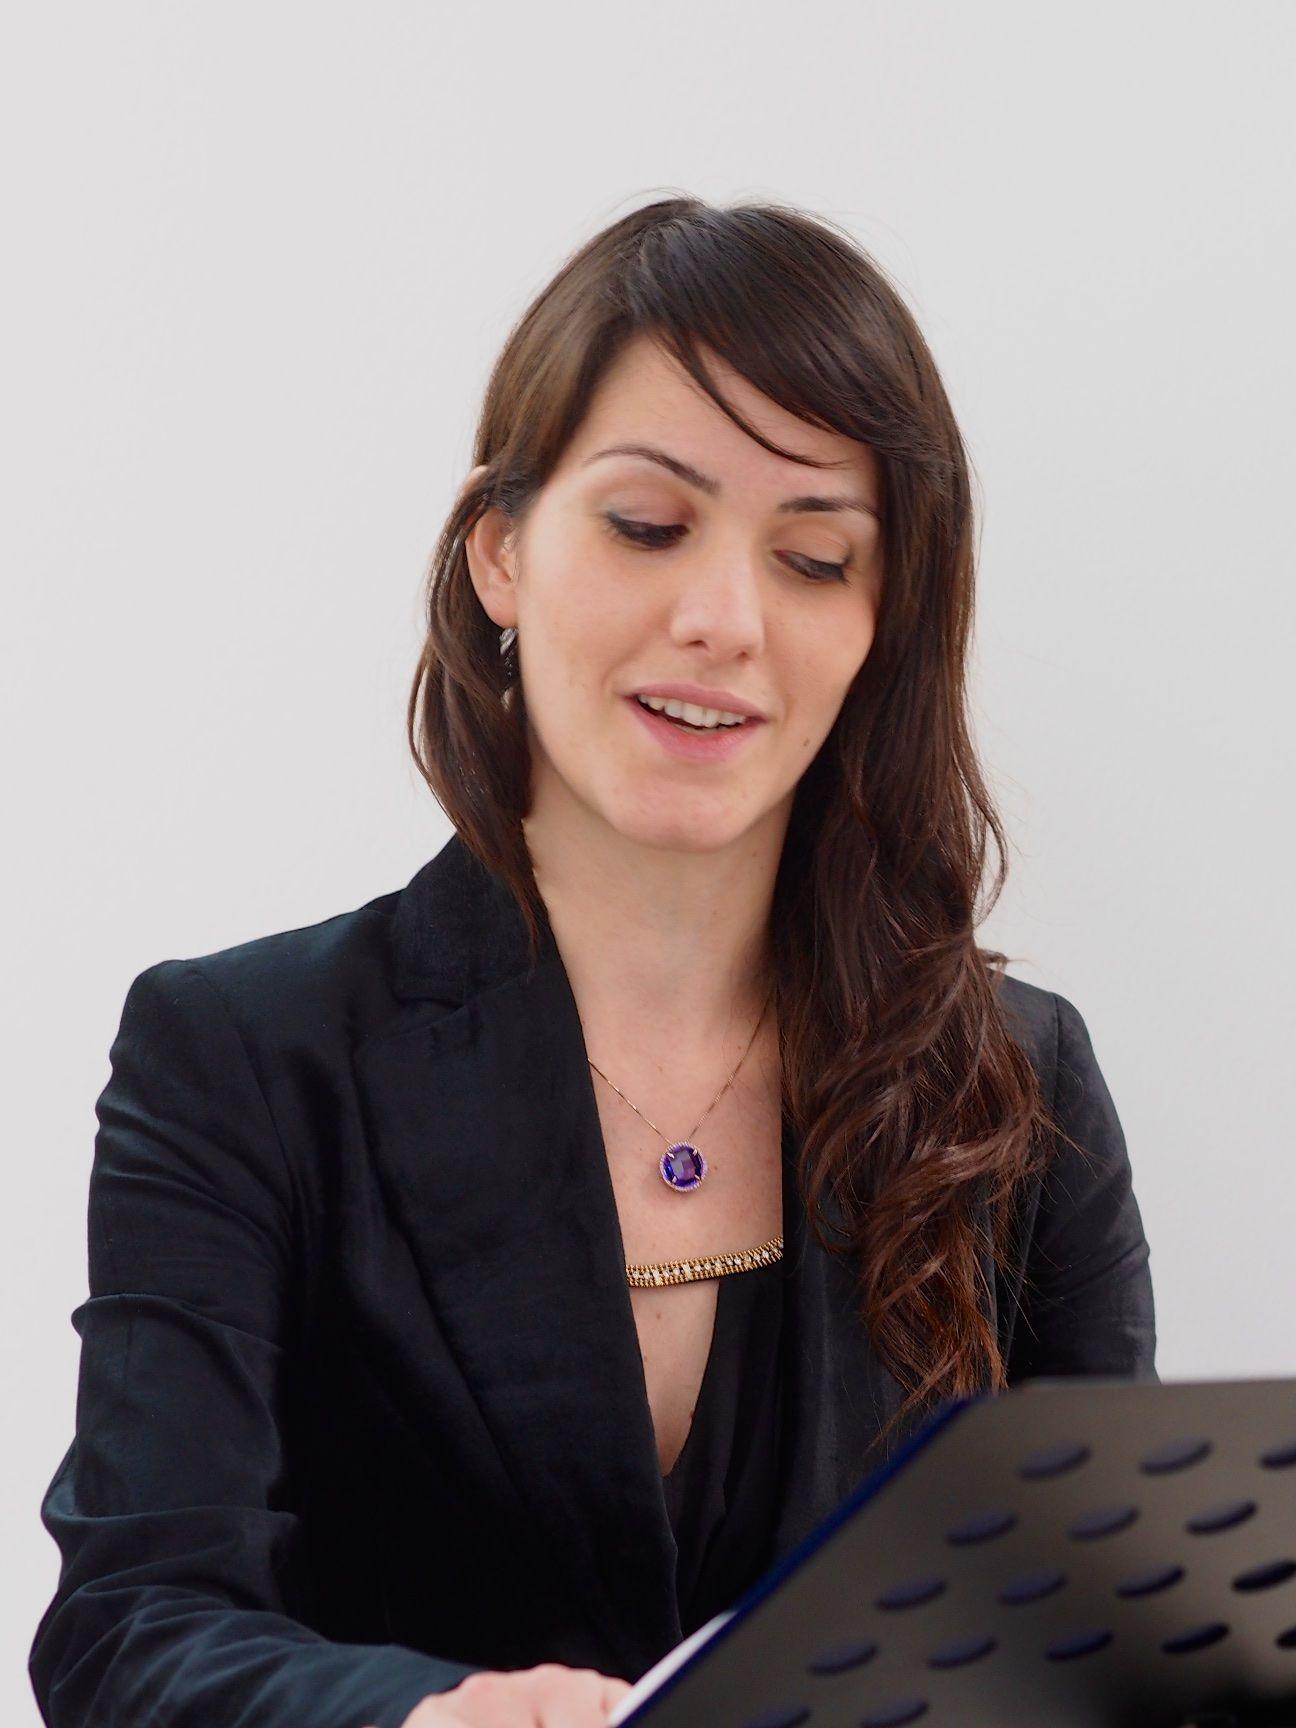 Baroque Ensemble - Nuoro, 3 gennaio 2016 - Valentina Satta, soprano - Ente Musicale di Nuoro